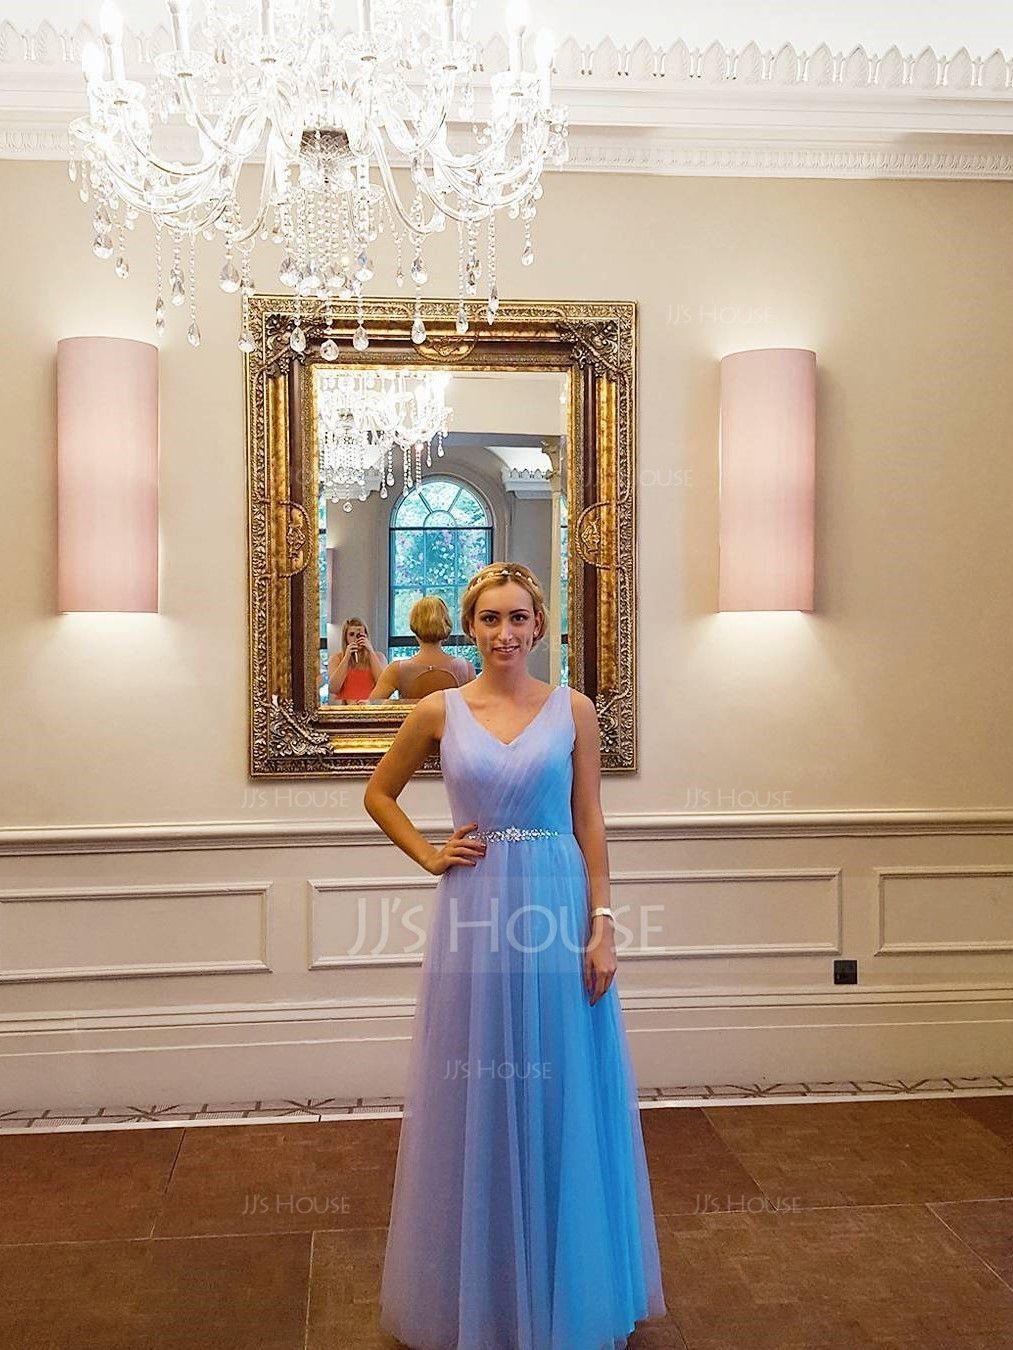 Princesový V-Výstřihem Délka na zem Tyl Šaty pro družičku S Volán Zdobení korálky flitry (266183714)